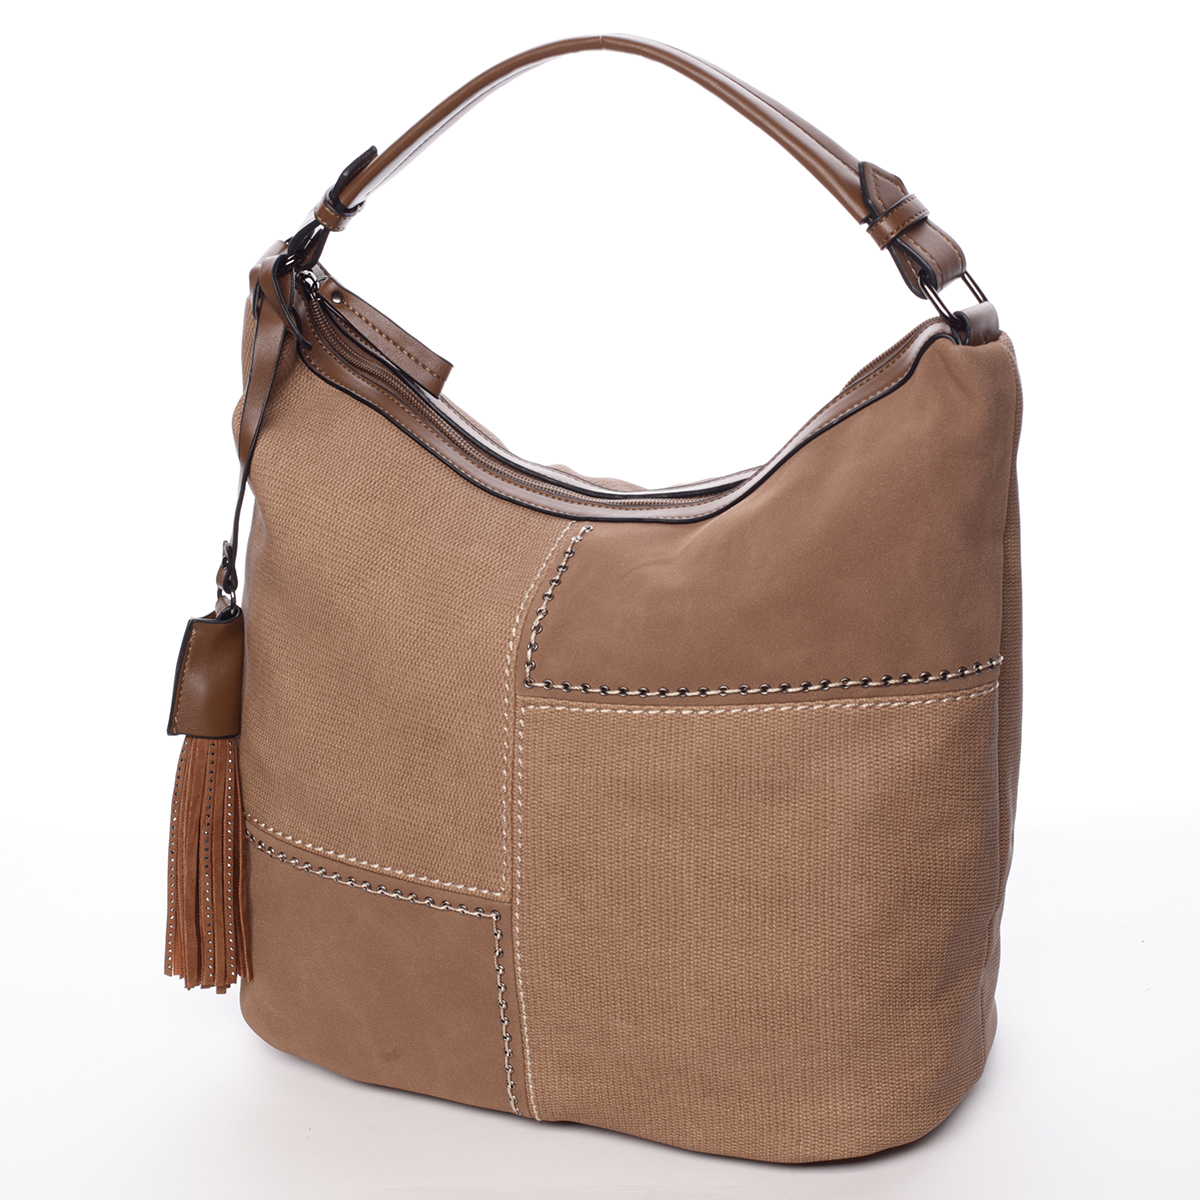 Moderní dámská kabelka světle hnědá - MARIA C Aliza